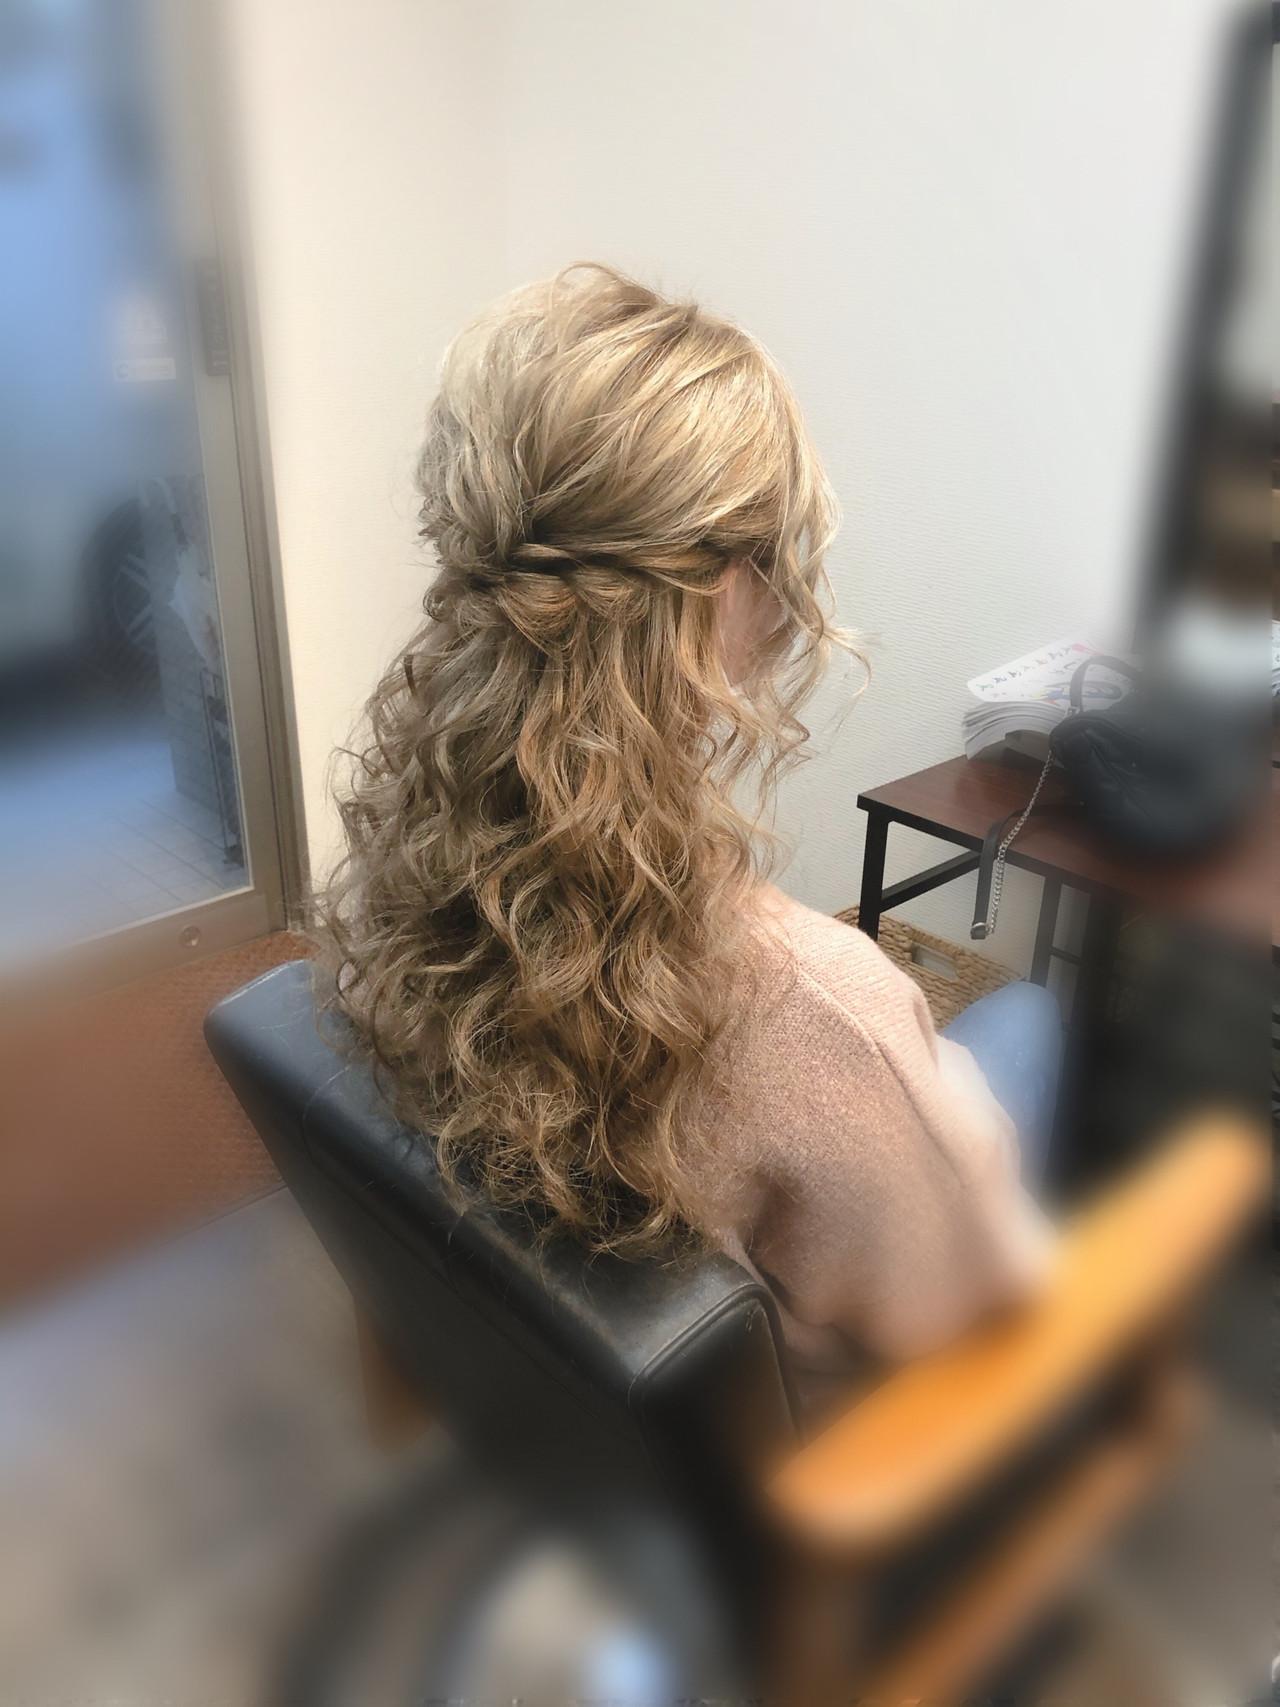 セミロング ヘアセット フェミニン ブライダル ヘアスタイルや髪型の写真・画像   mai / HAIR SALON STELLA